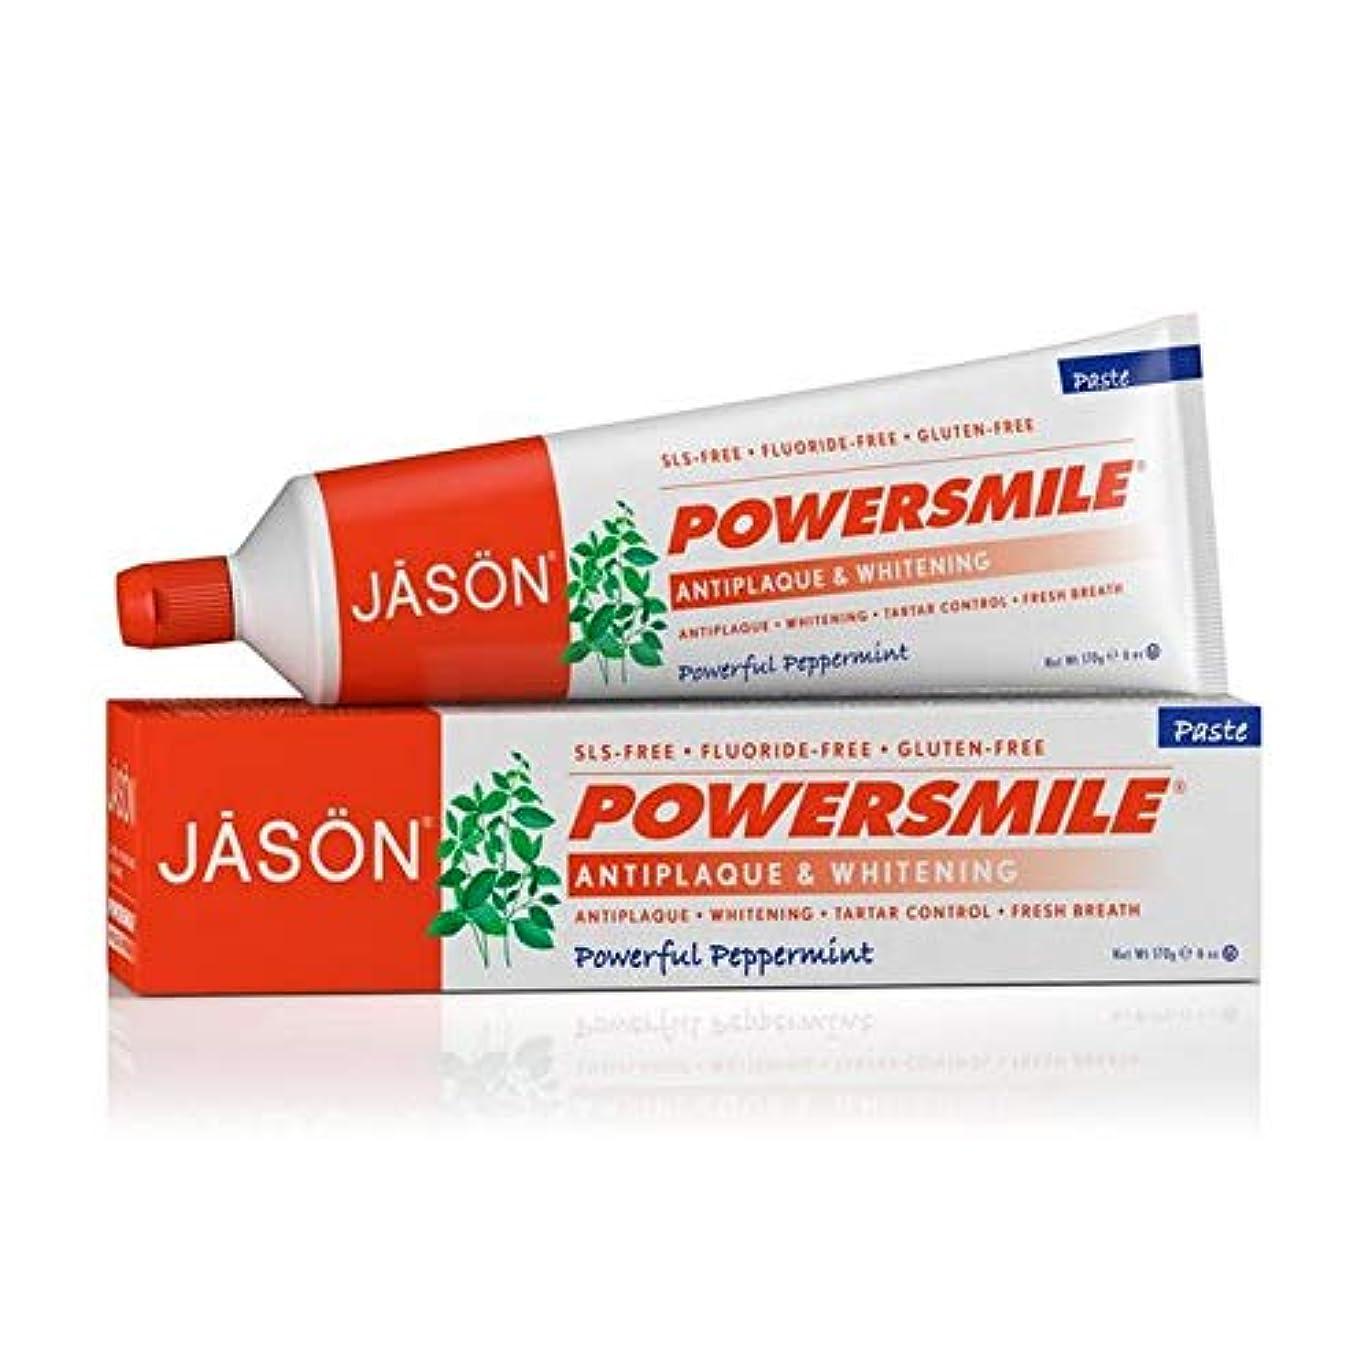 中級リハーサル一般的に[Jason ] ジェイソンPowersmile歯磨き粉の170グラム - Jason Powersmile Toothpaste 170g [並行輸入品]